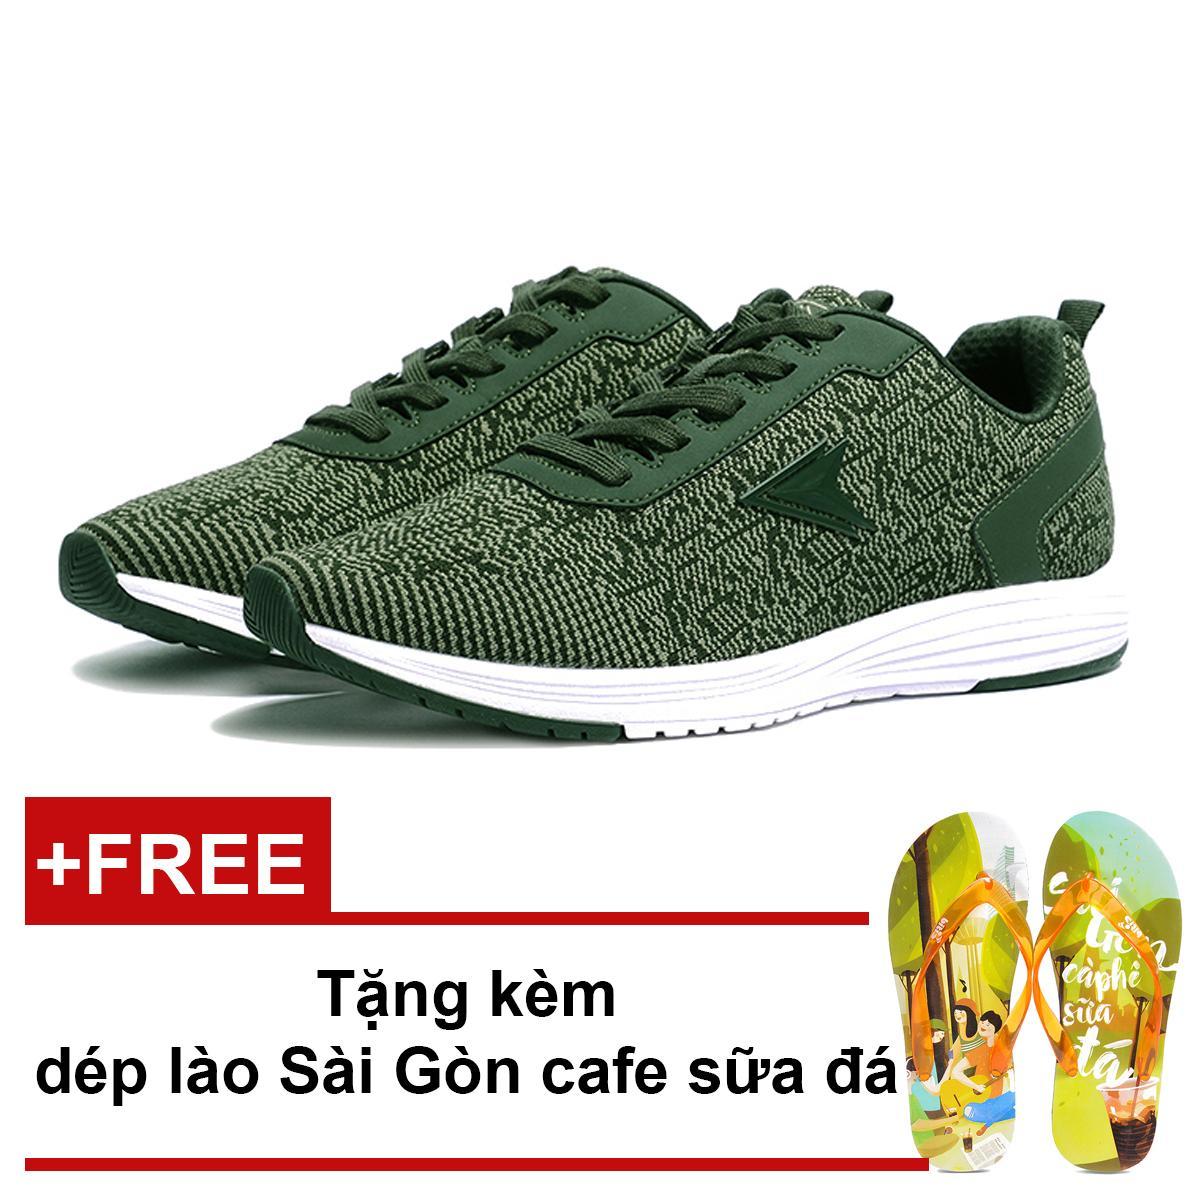 Ôn Tập Giay Thế Thao Nữ Bitis Hunter Dark Tribal Green Dsw057333Reu Tặng Dep Lao Sai Gon Cafe Sữa Đa